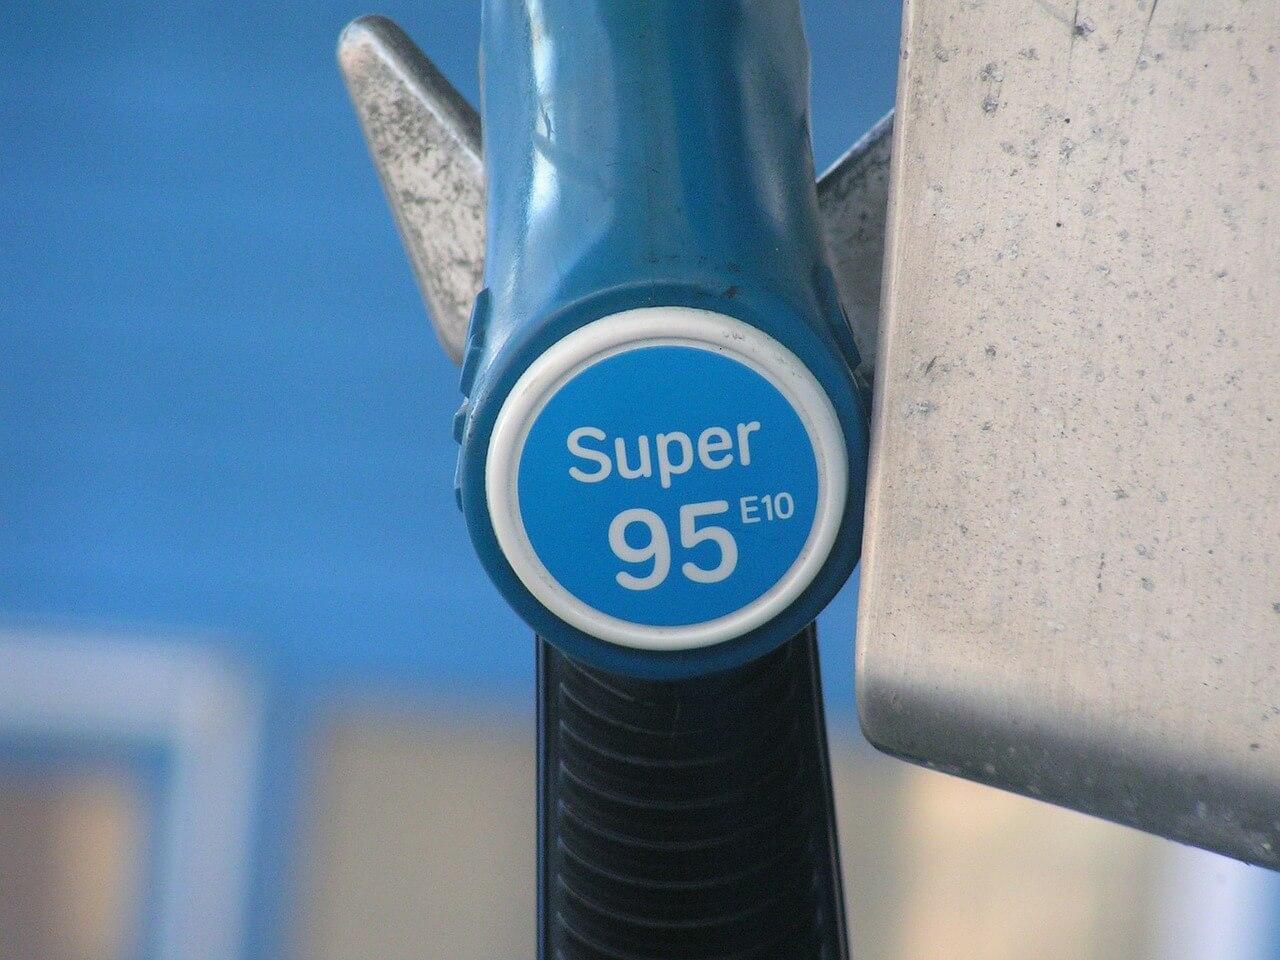 Бензин — не роскошь, а средство подорожания